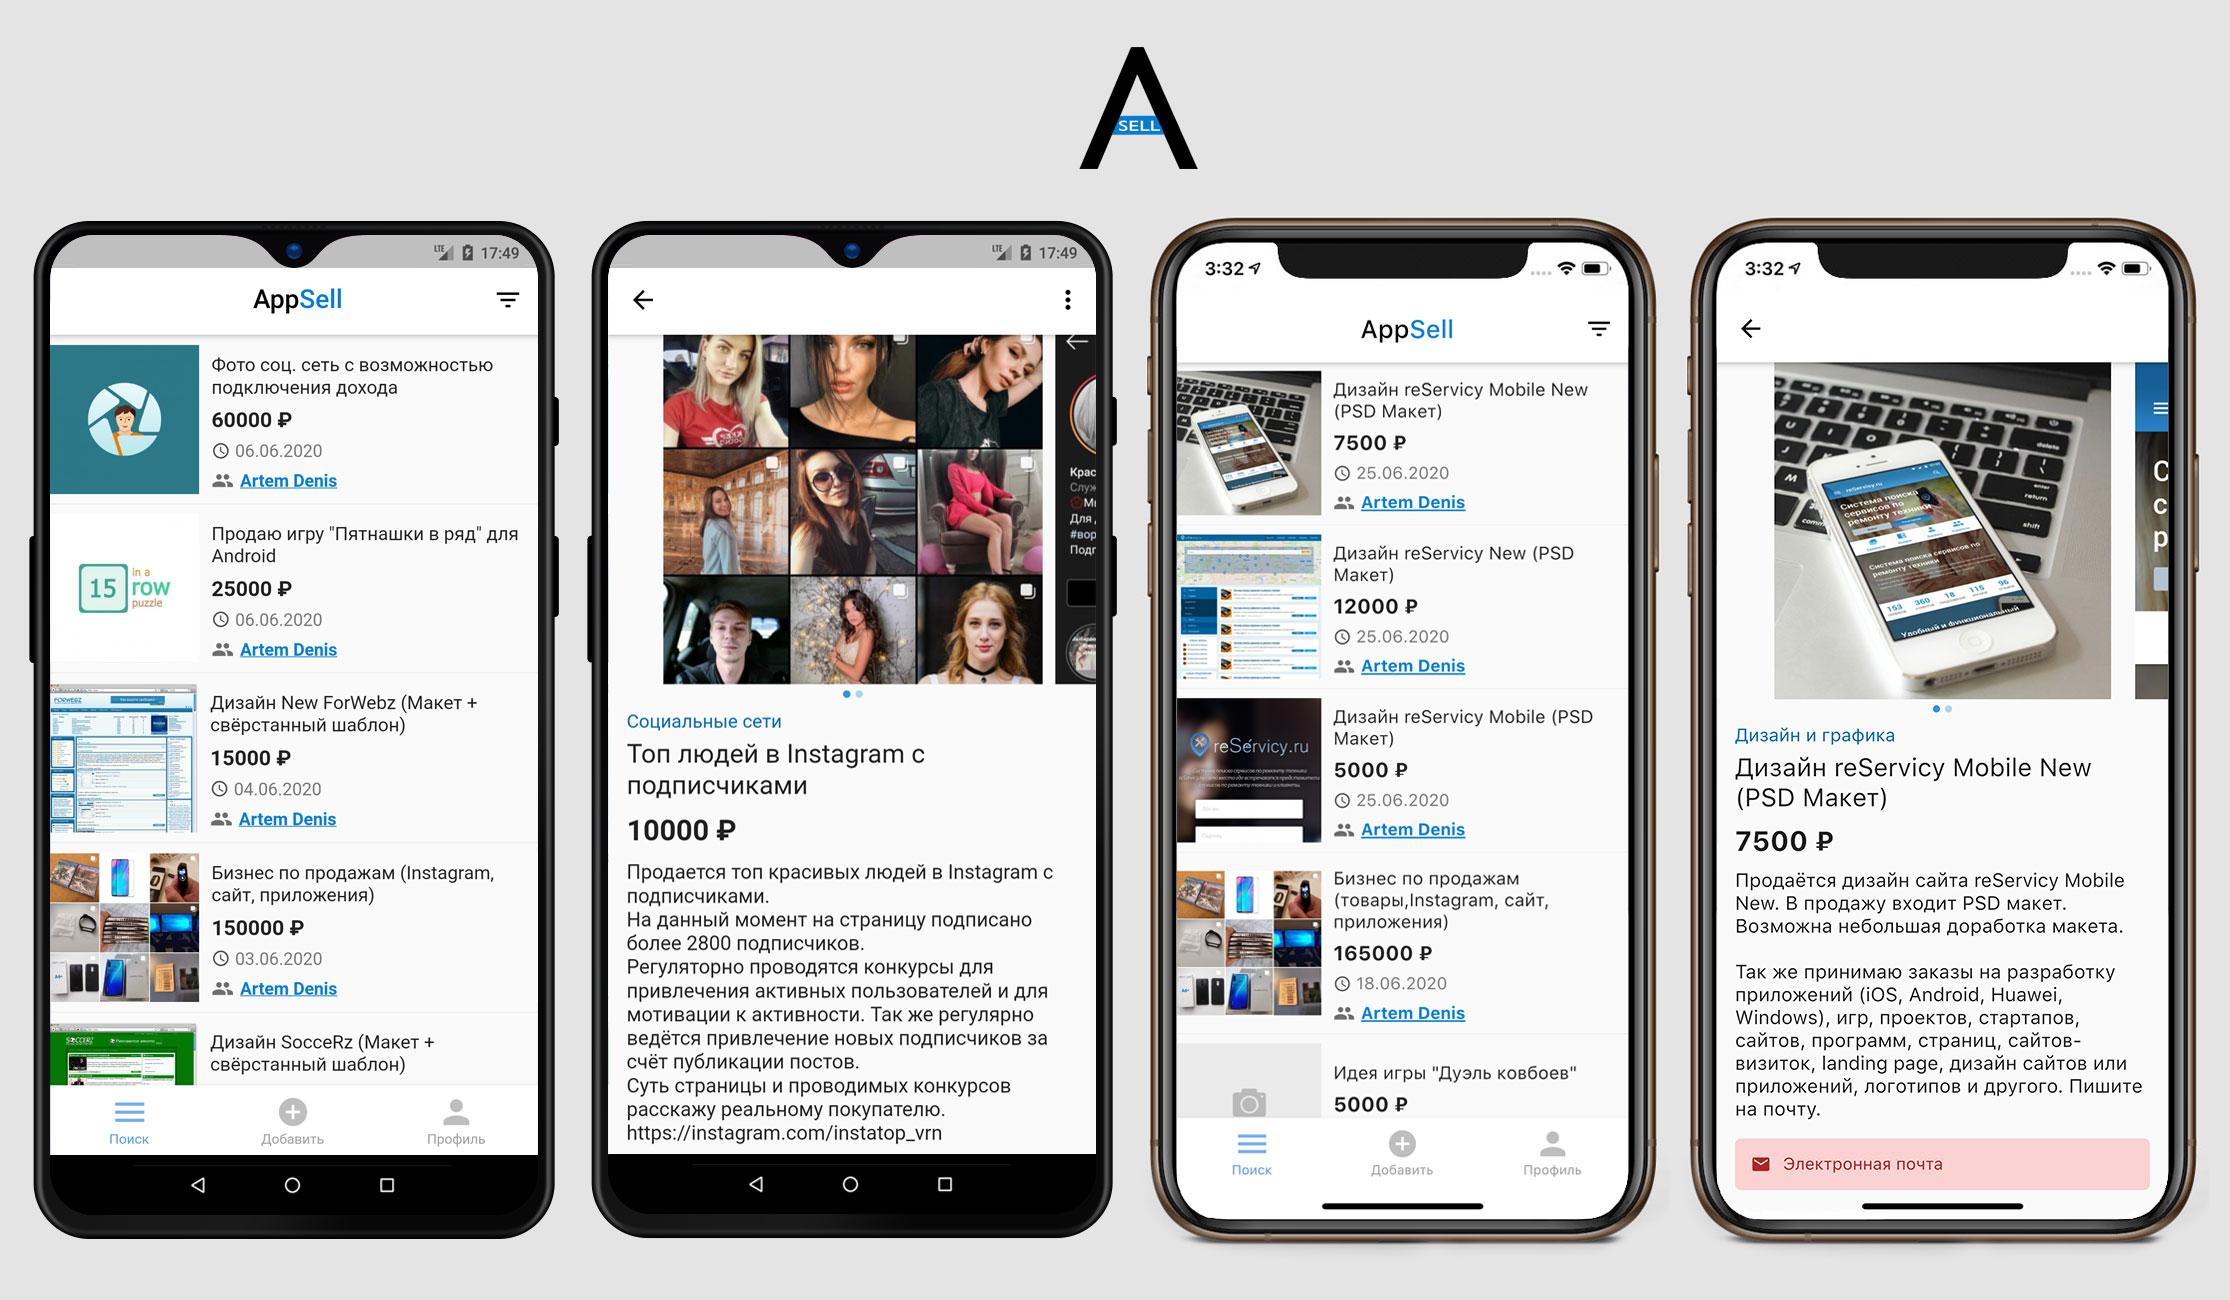 Дизайн приложения бизнес объявлений AppSell для Android и iOS